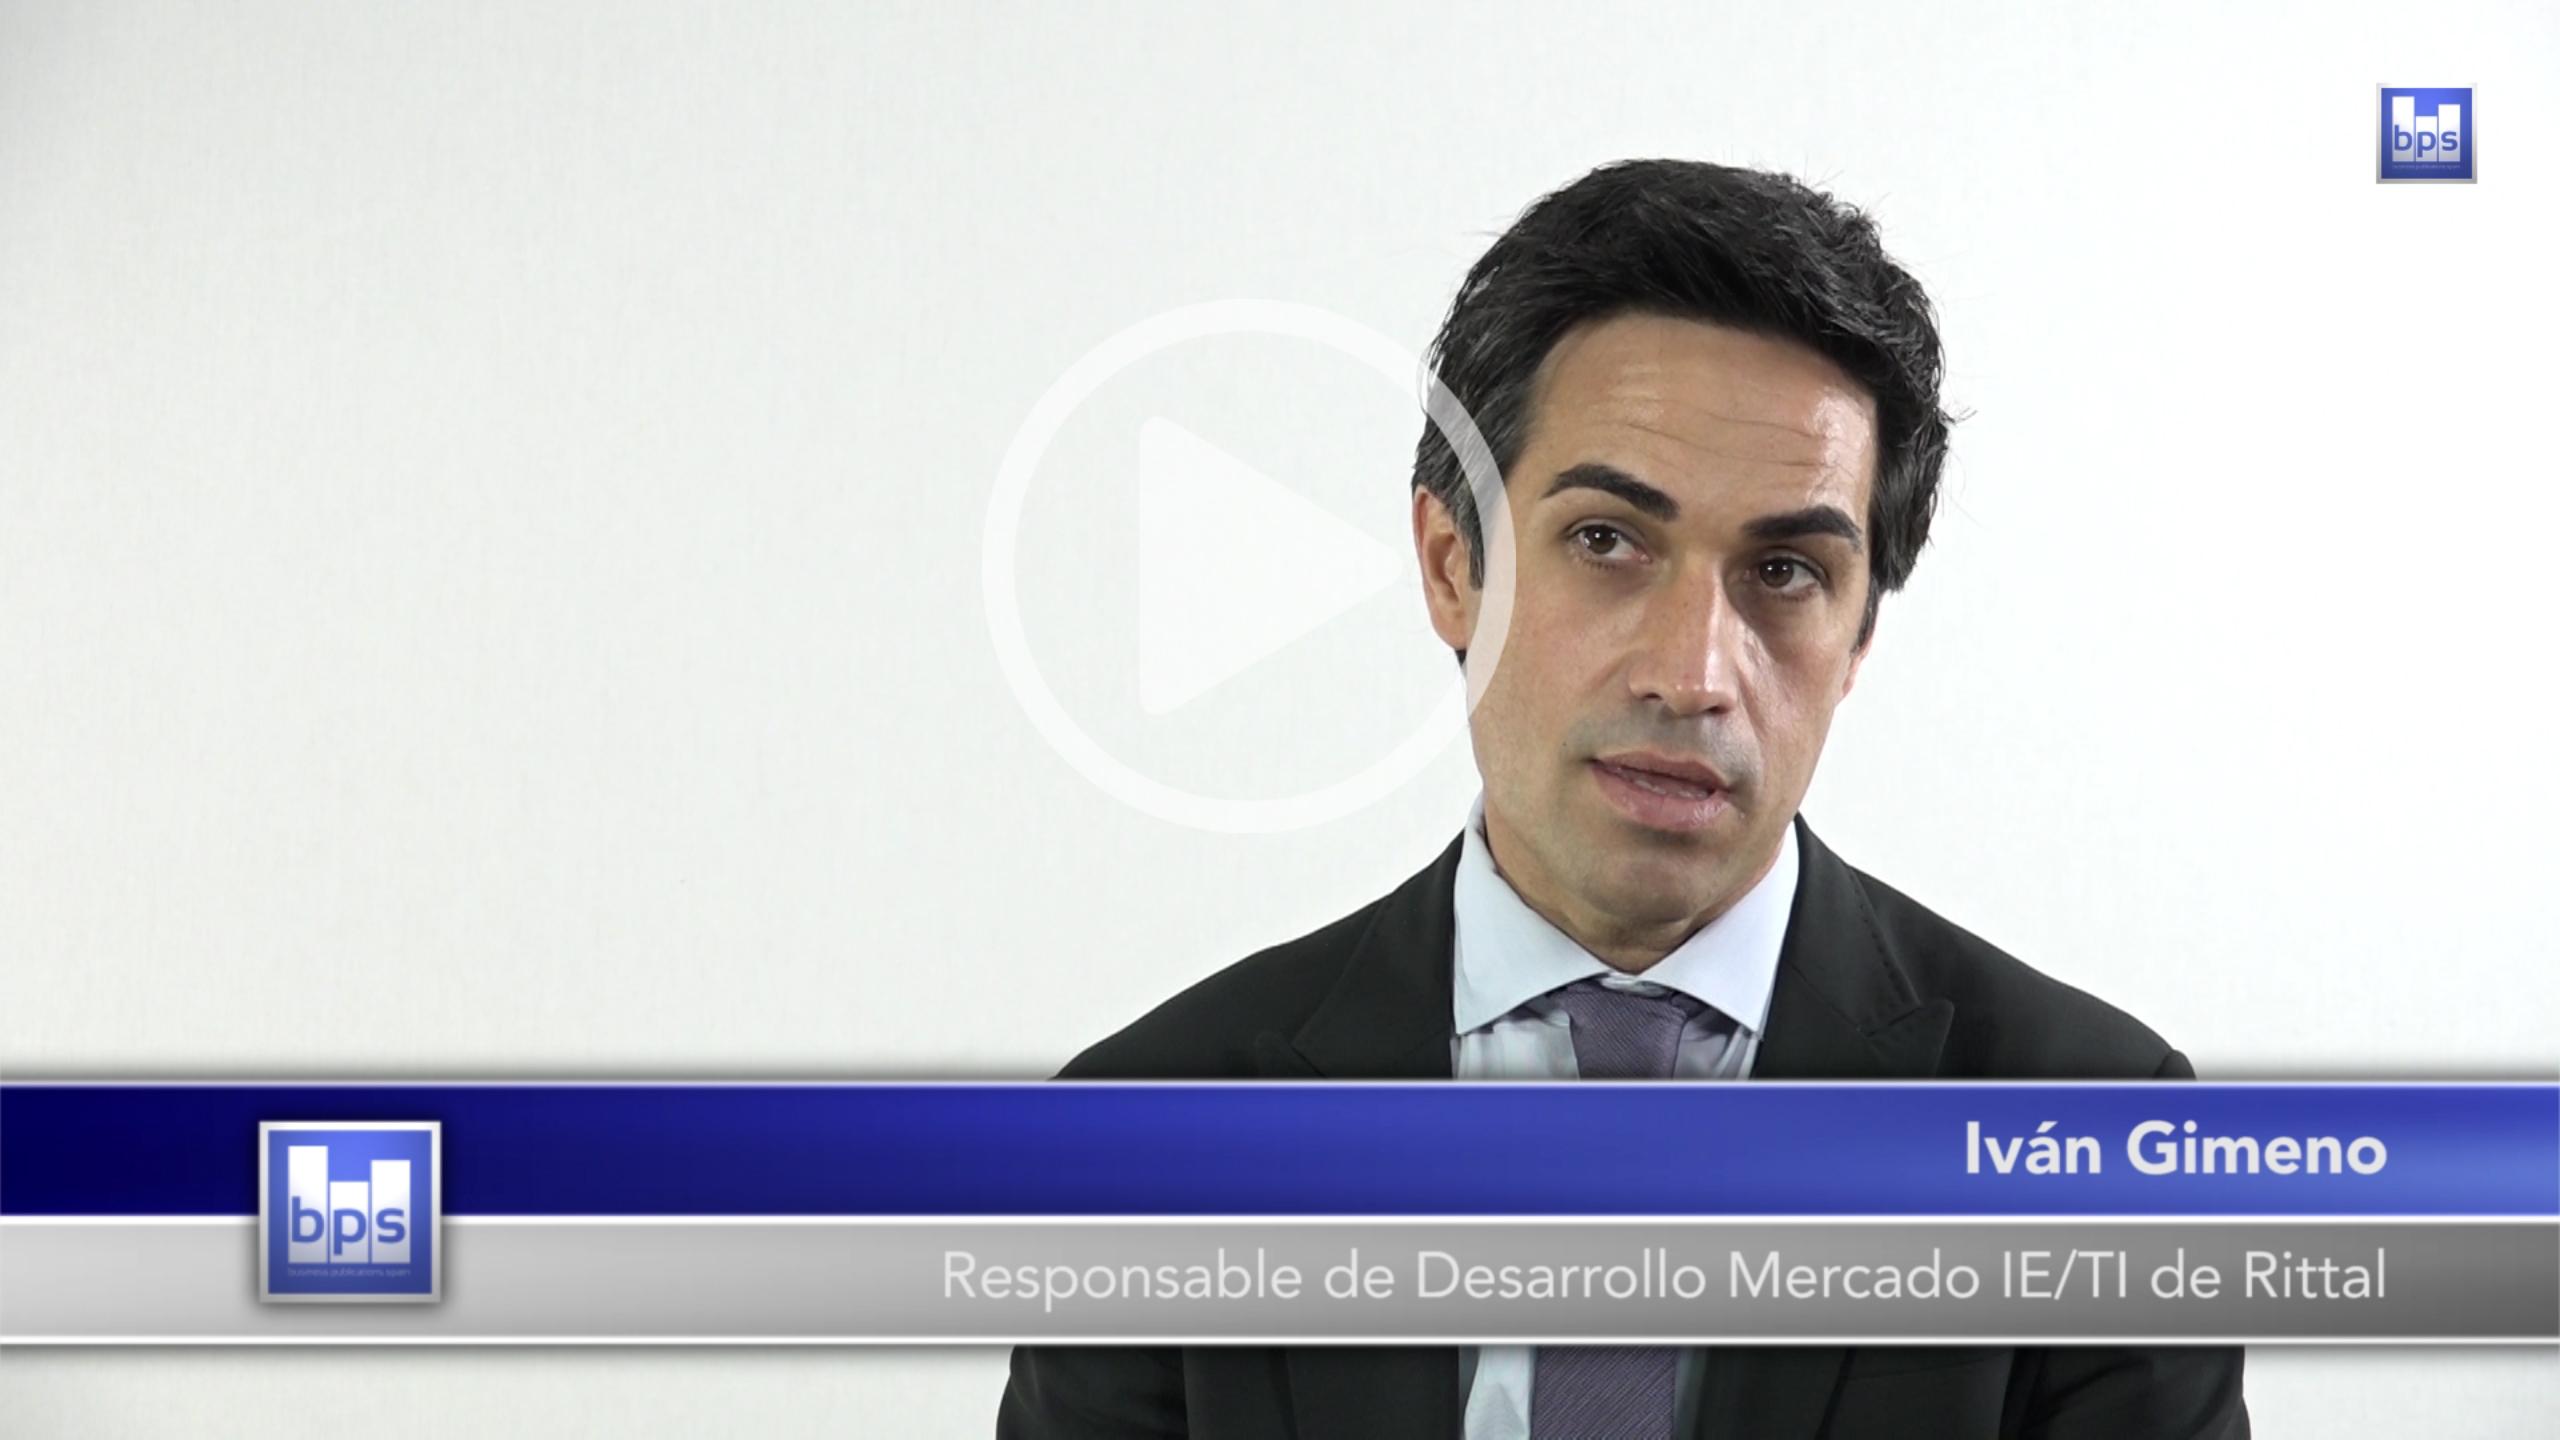 Iván Gimeno, responsable de Desarrollo de Mercado IE/TI de Rittal.